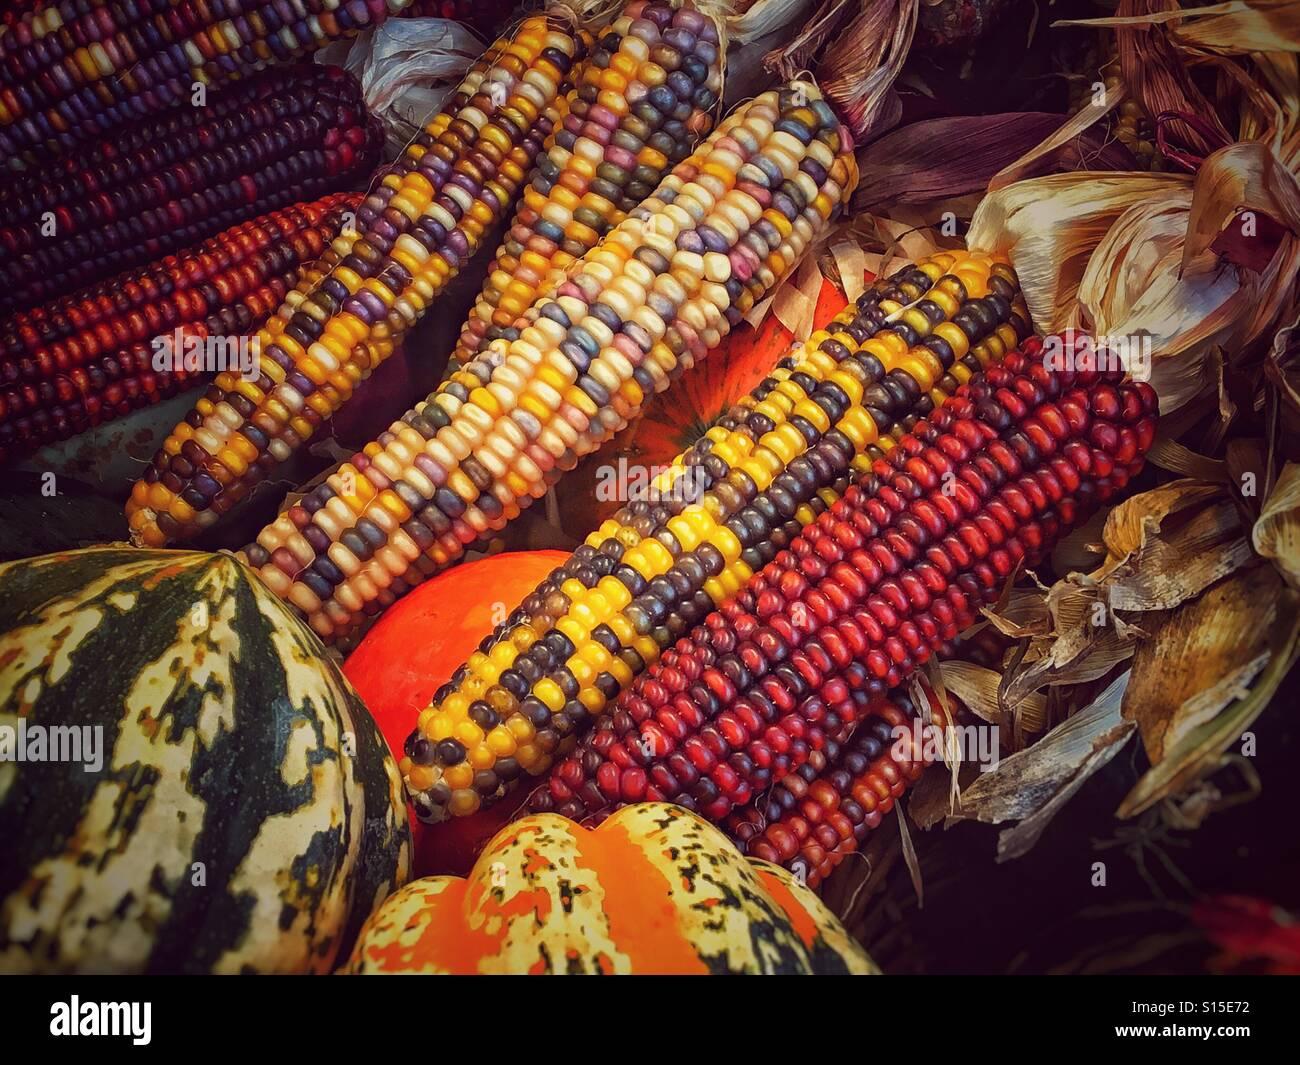 Zucca Halloween Essiccare.Close Up Essiccato Autunno Indian Calli E Zucche In Una Caduta Di